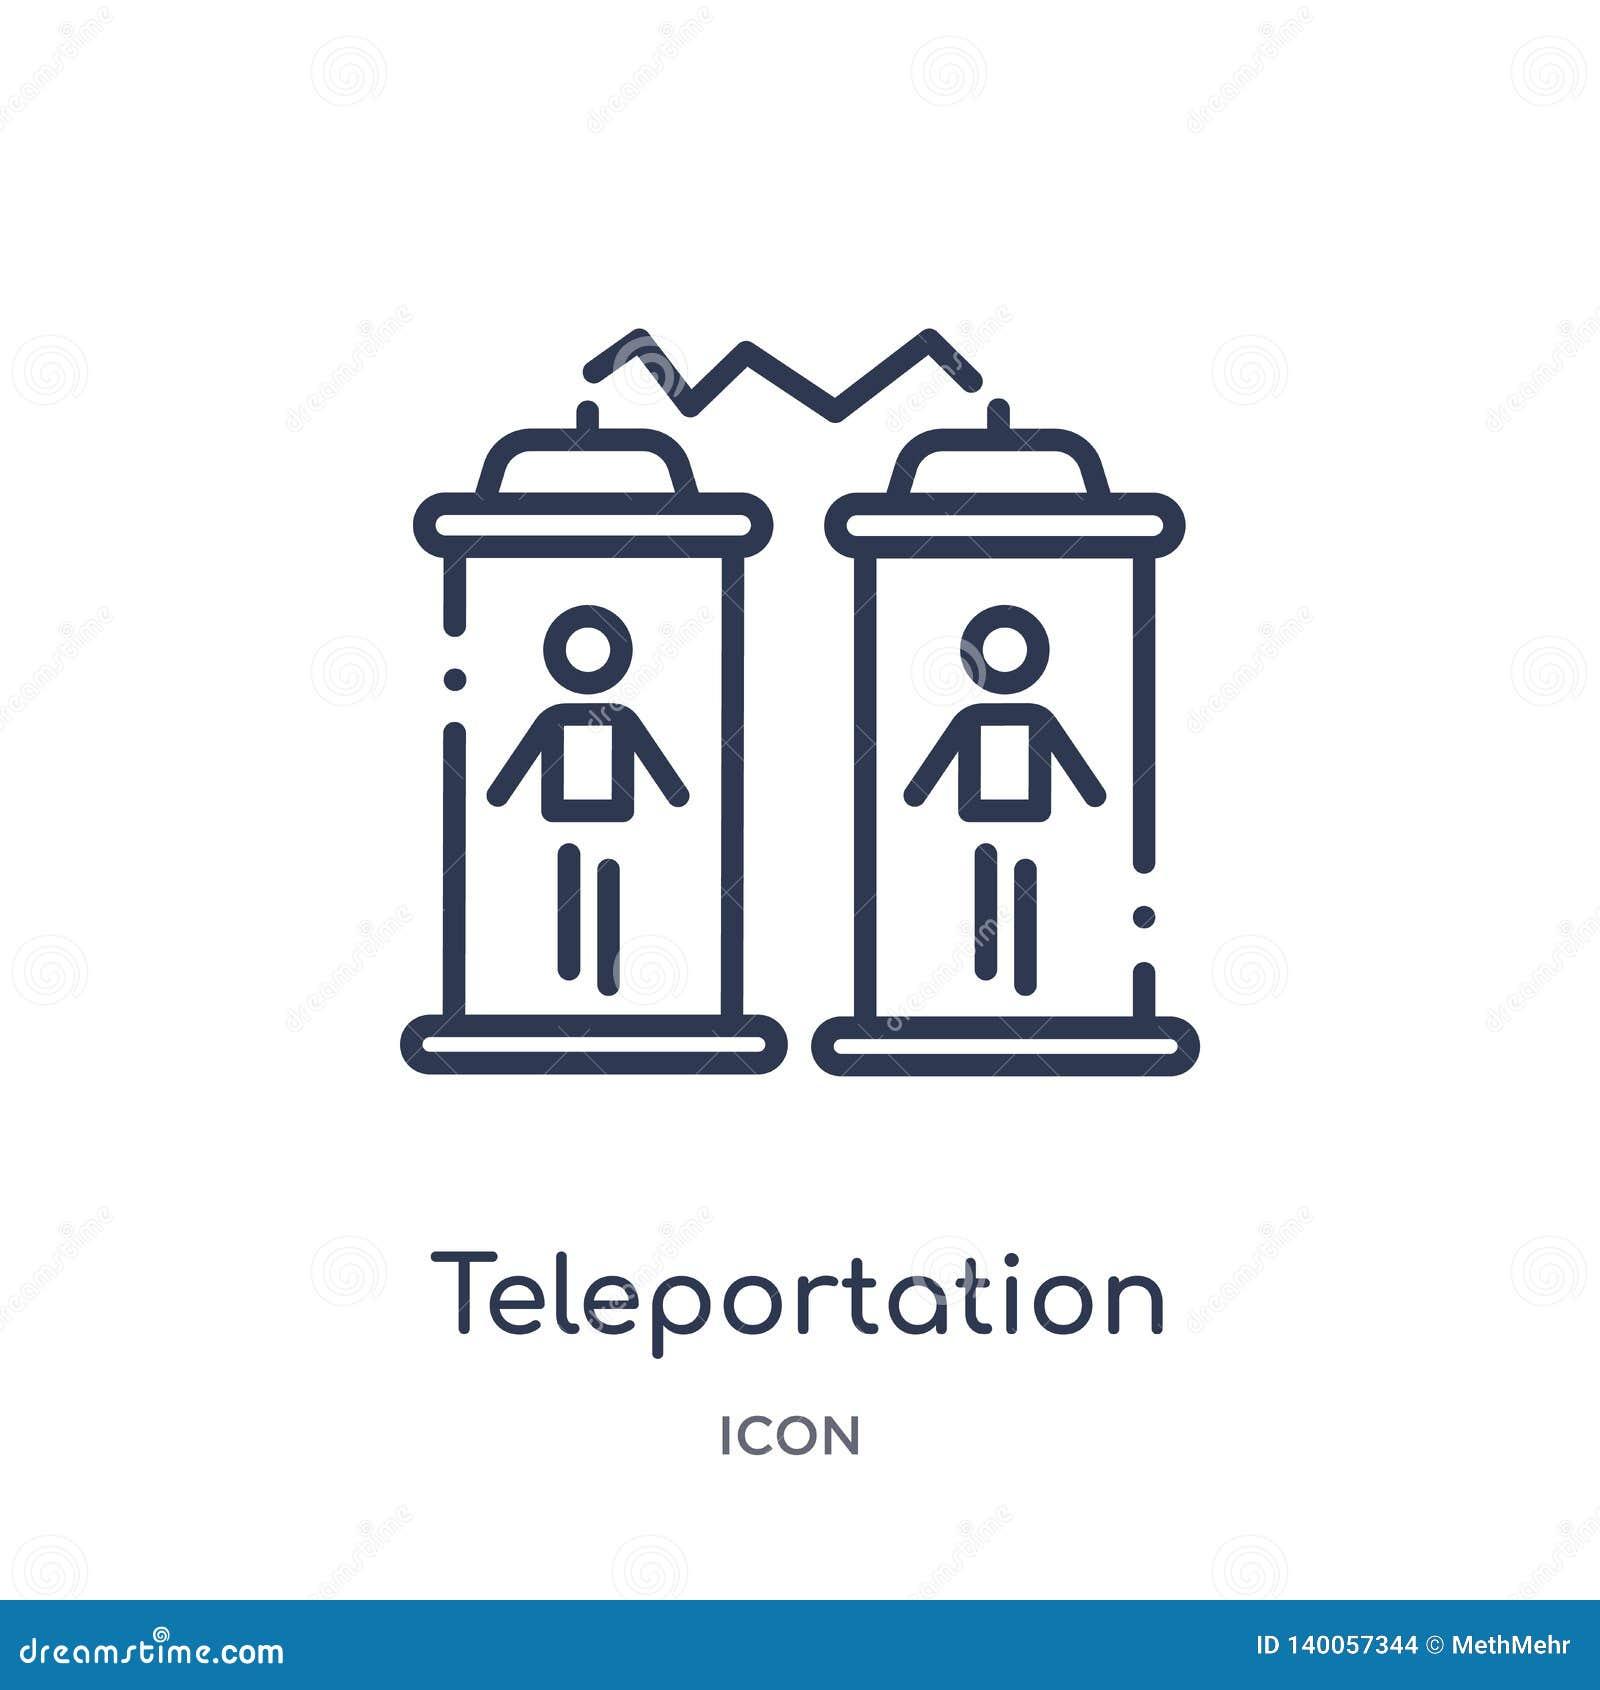 Icono linear del teleportation de la colección futura del esquema de la tecnología Línea fina icono del teleportation aislado en